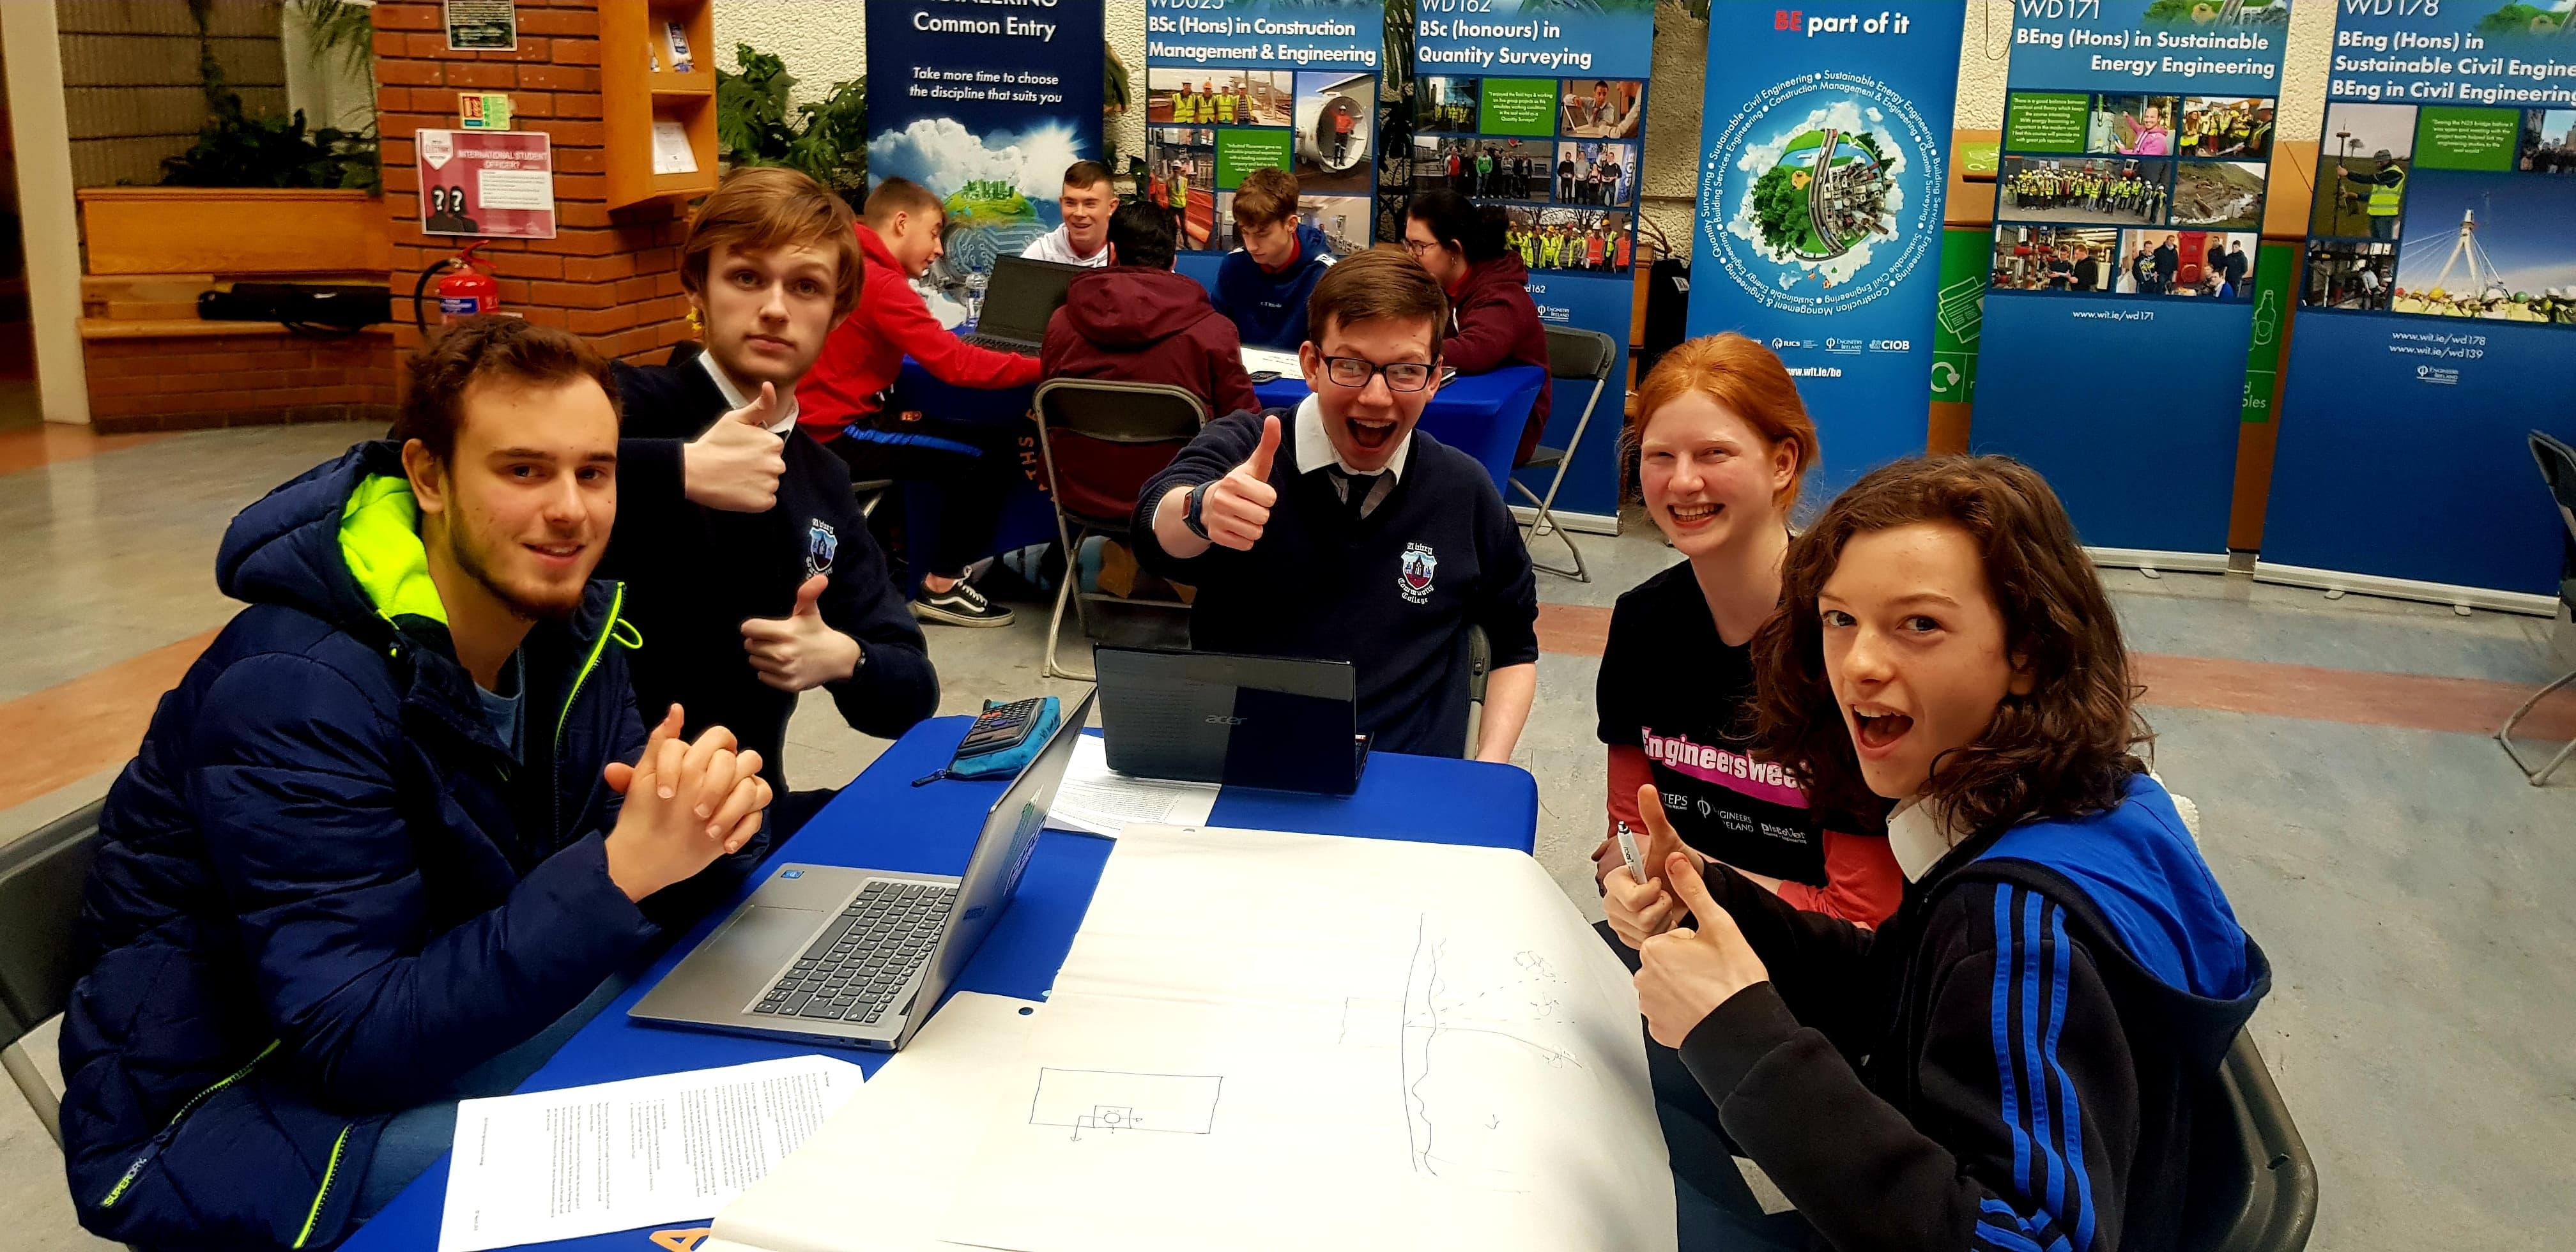 Local Waterford Schools took part in the engineering challenge as part of Engineers week